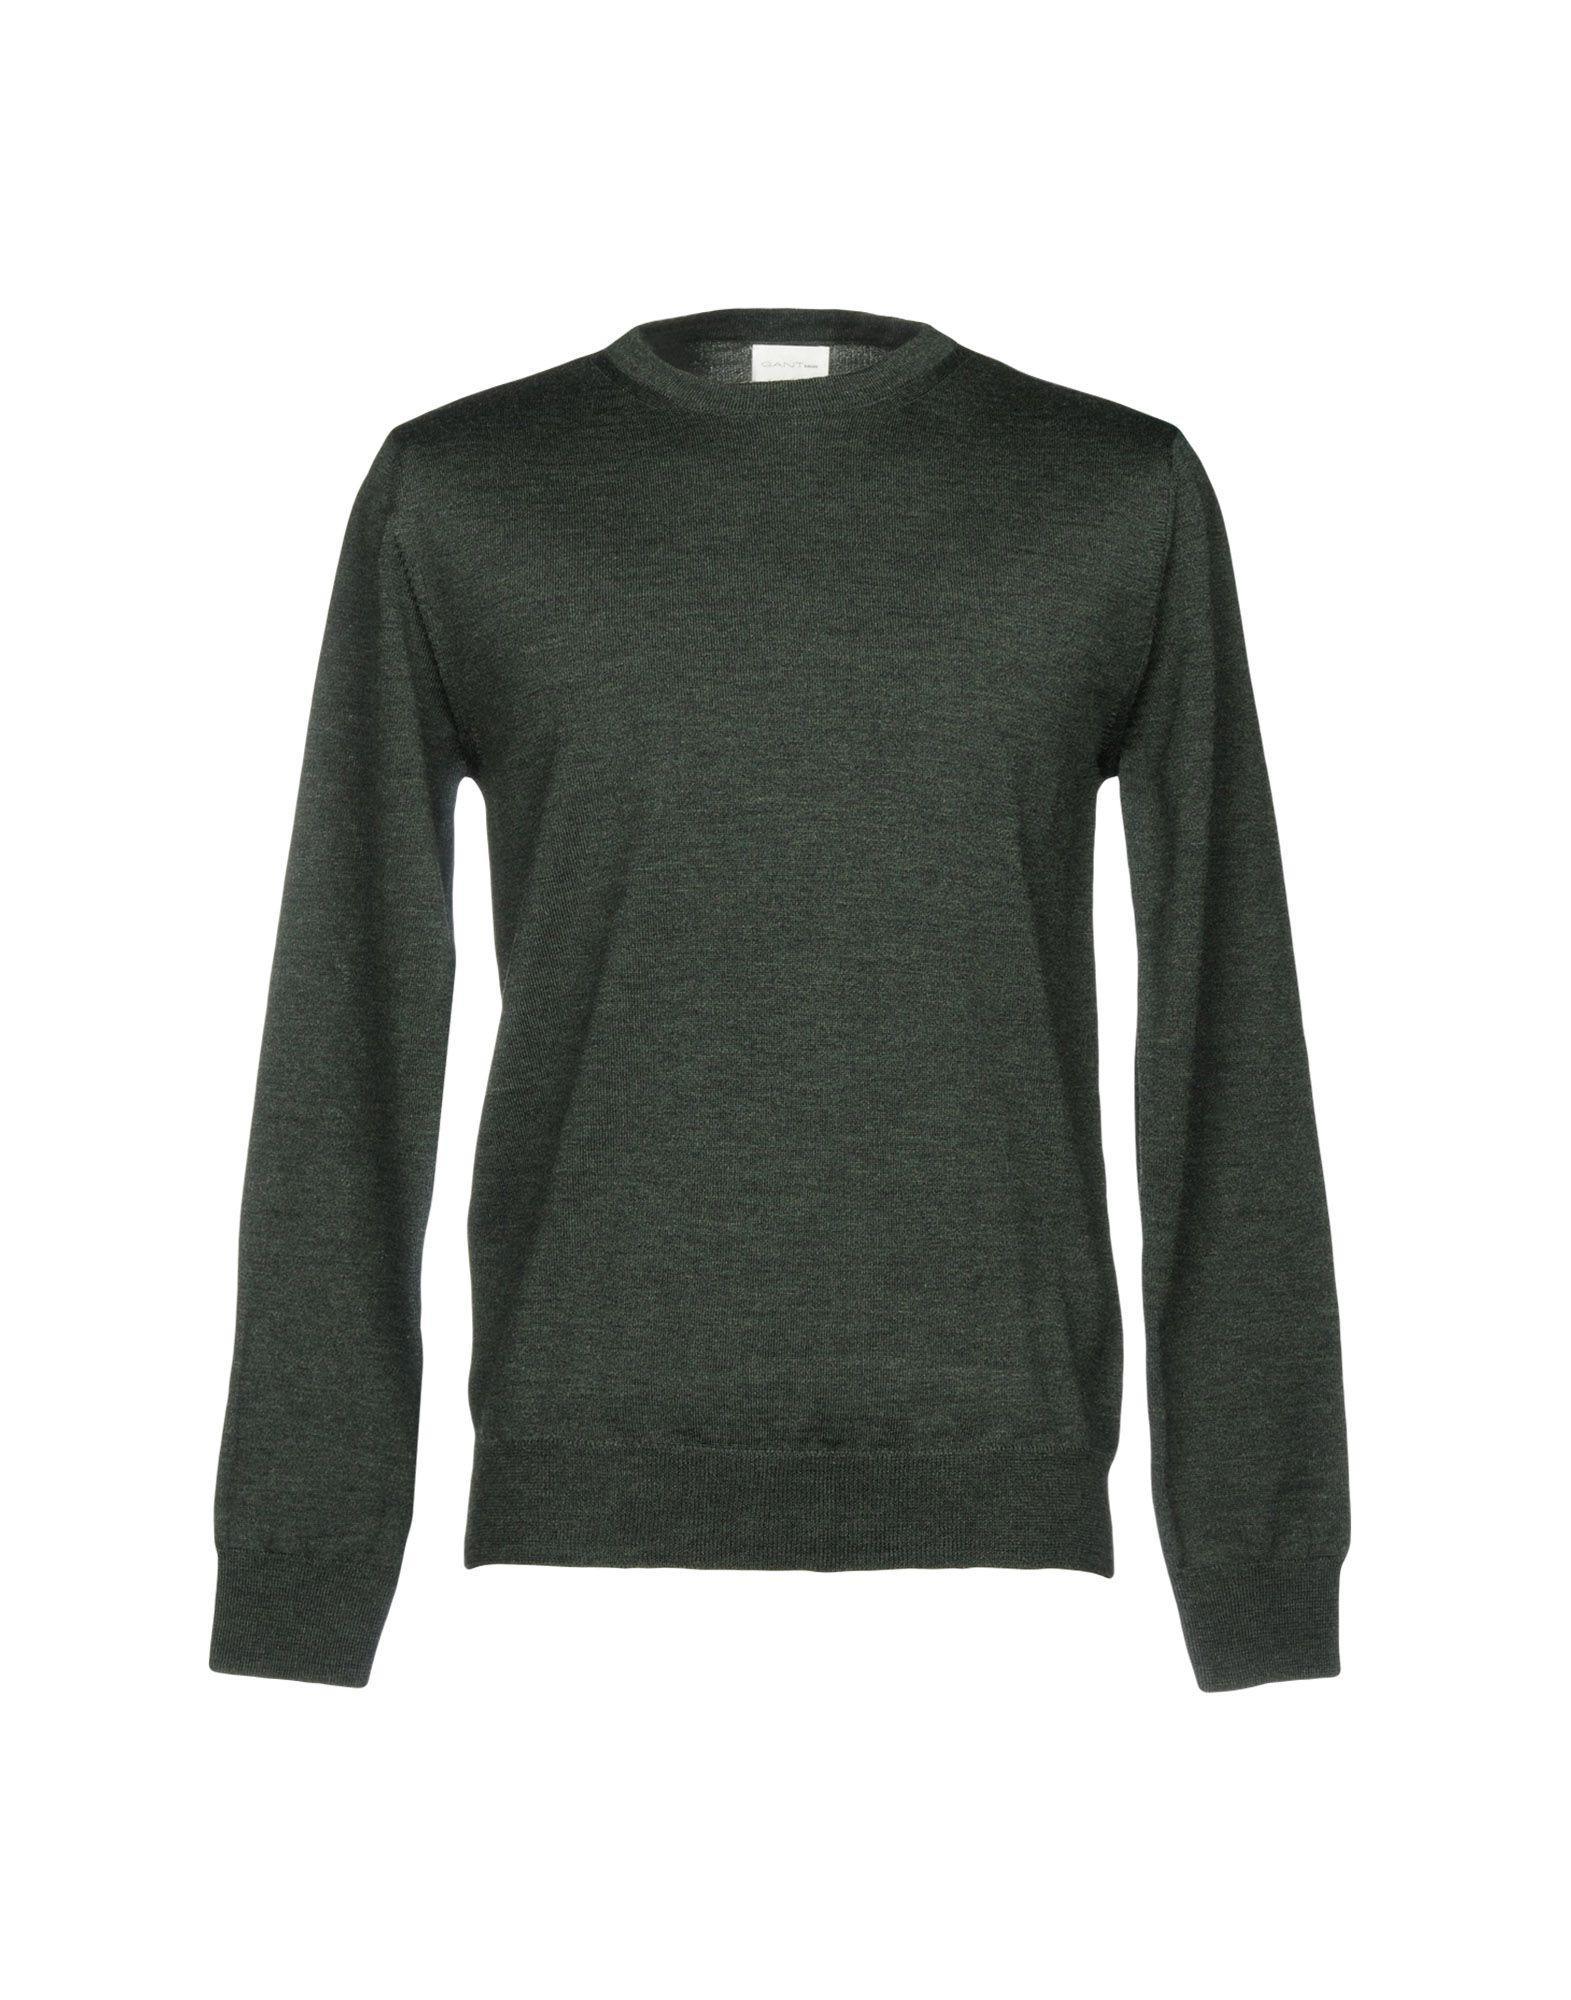 rival Malig tumör beundra  Gant Rugger Sweater In Dark Green   ModeSens